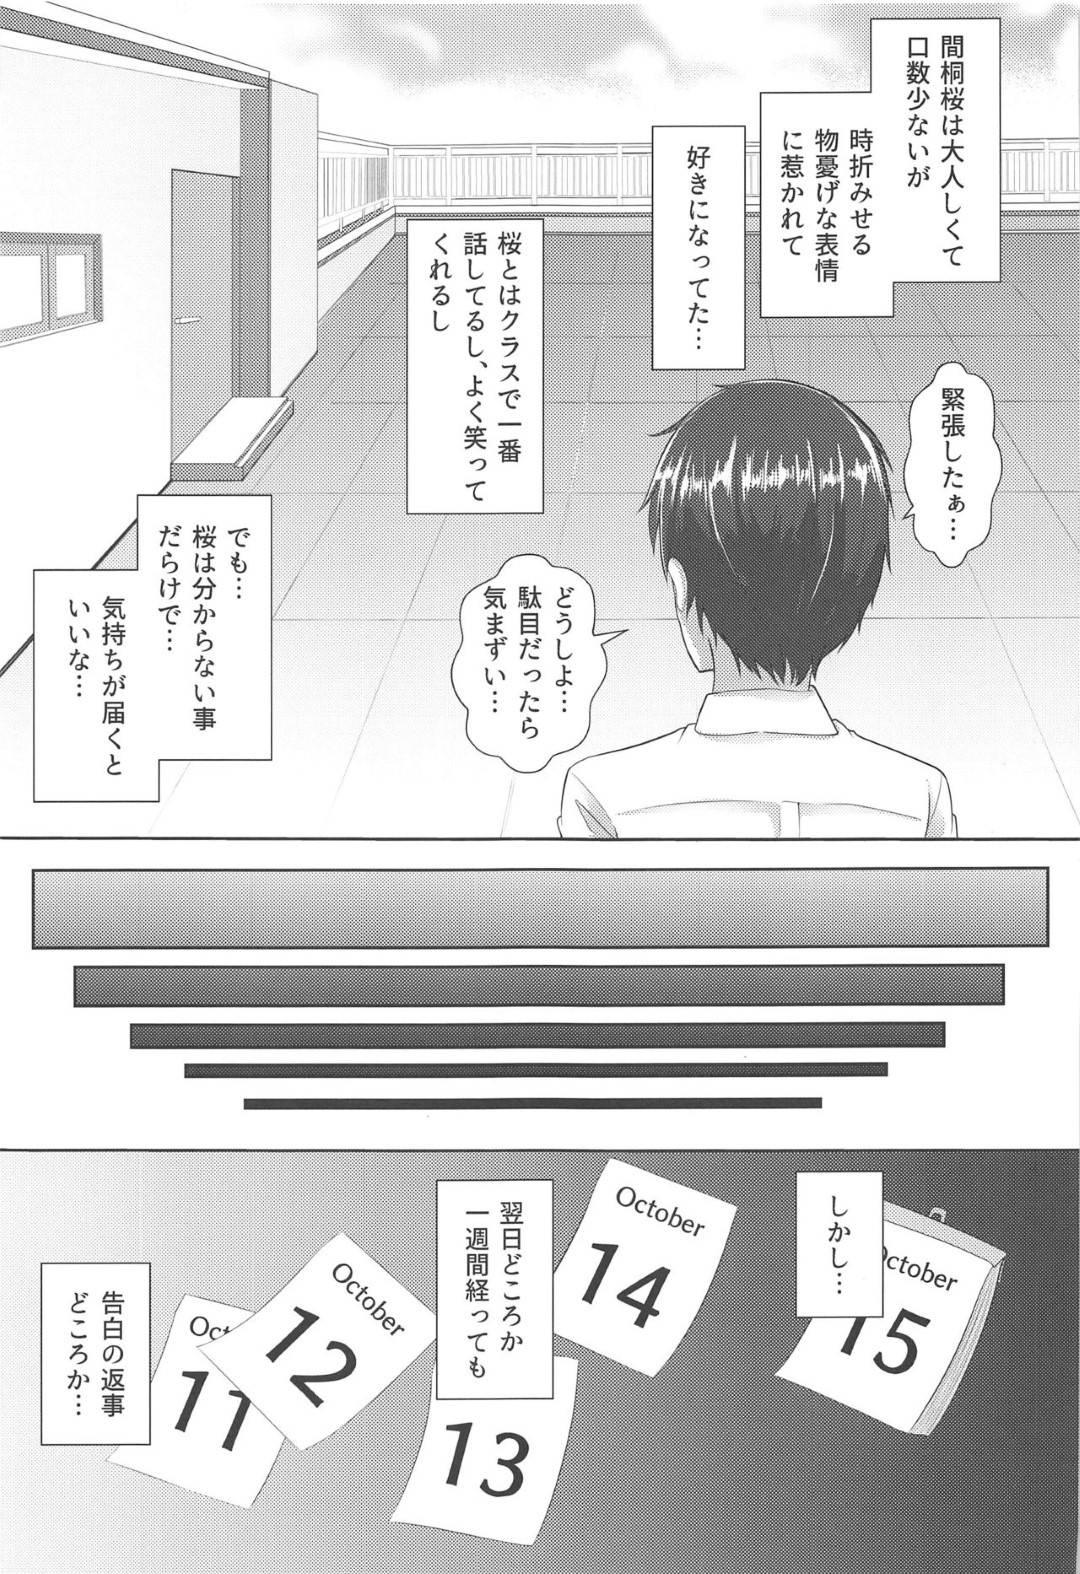 【エロ同人誌】(C96)クラスメイトの男子に告白された間桐桜は返事をせずに行方不明に!ある屋敷にたどり着きそこで見つけた間桐桜は男達のチンポを奉仕していた!【やちゃん珈琲 (やちゃん):紫苑~SION~/Fate/stay night】